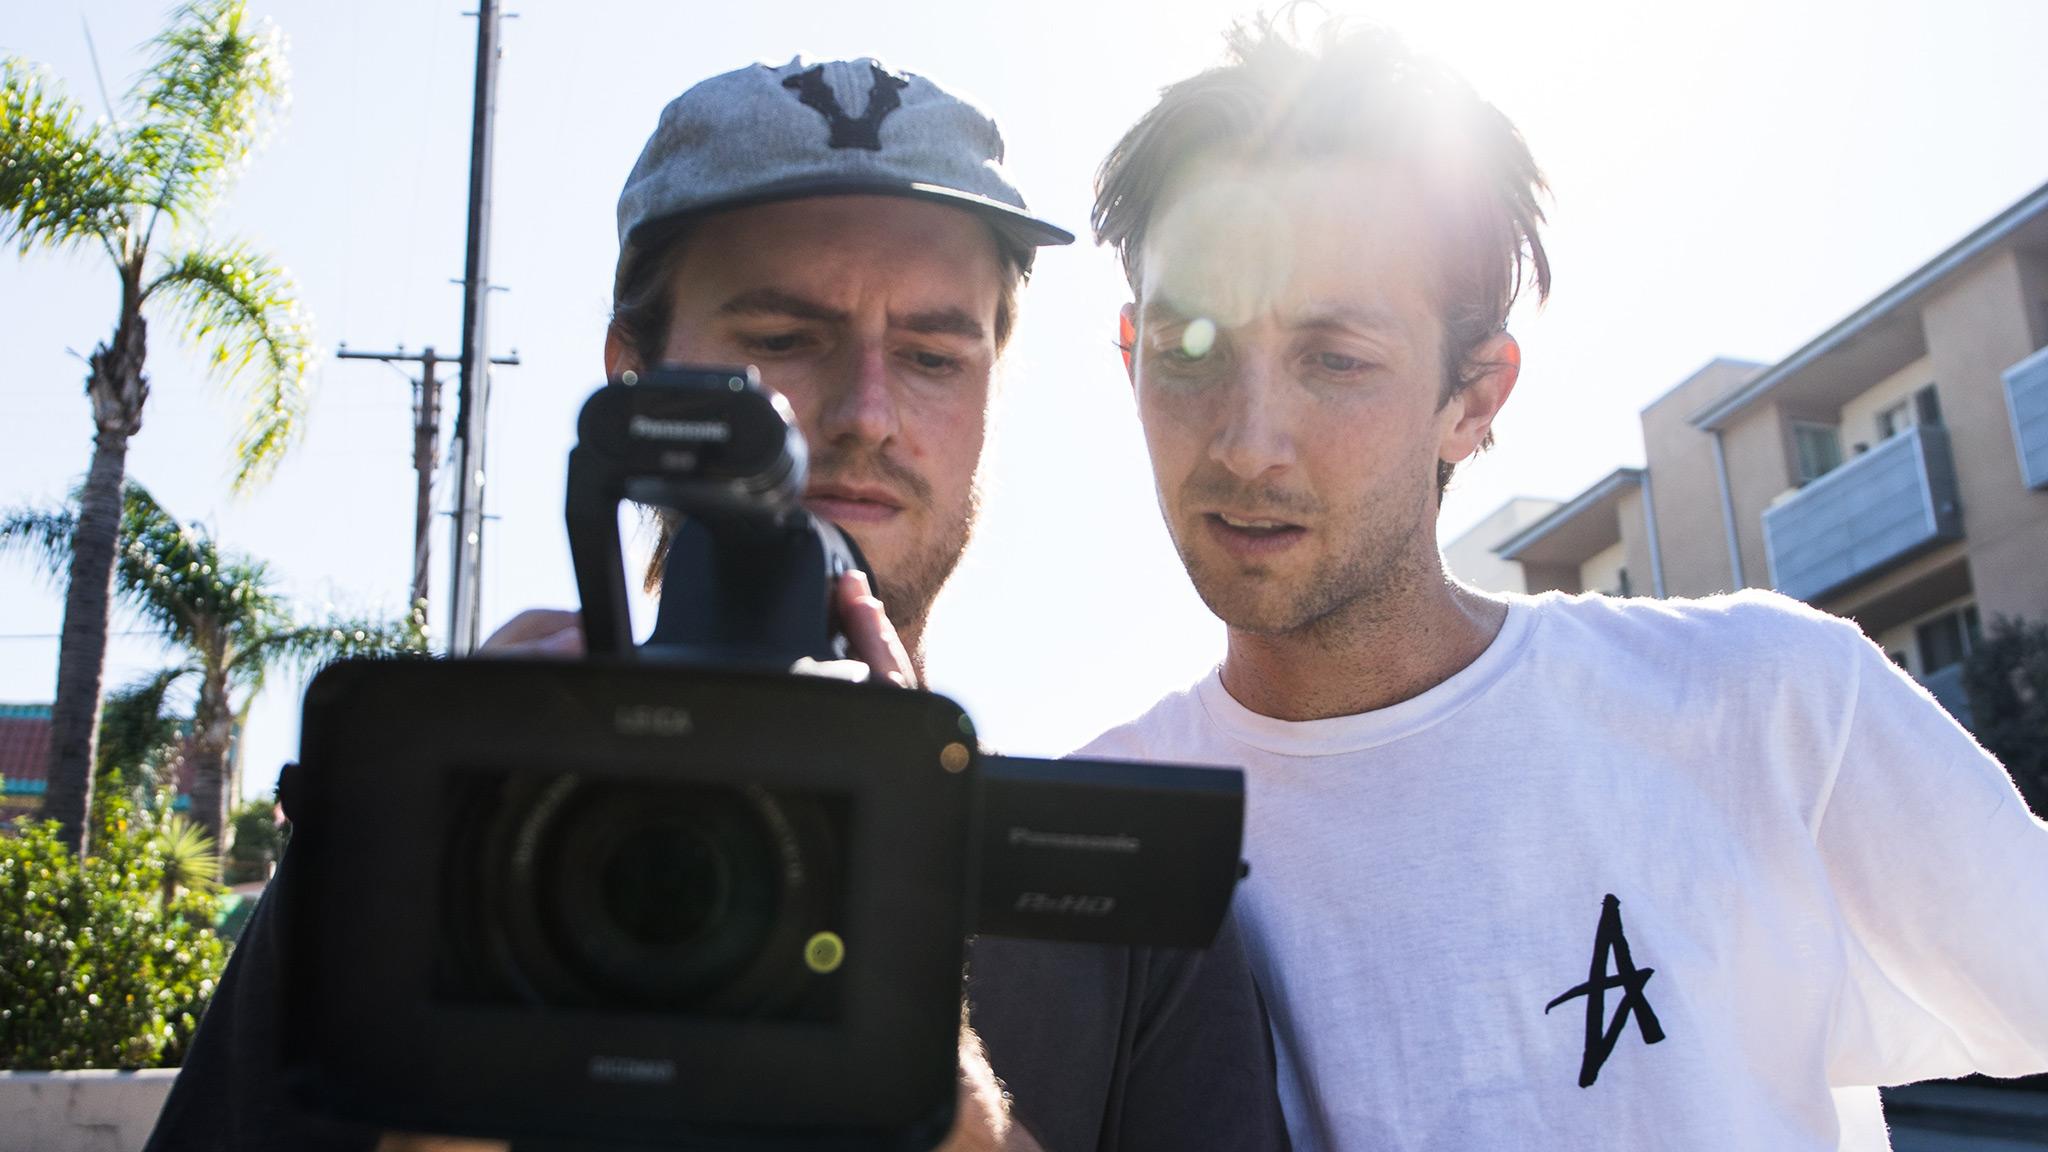 Lay's Filmer: Matt Blevins